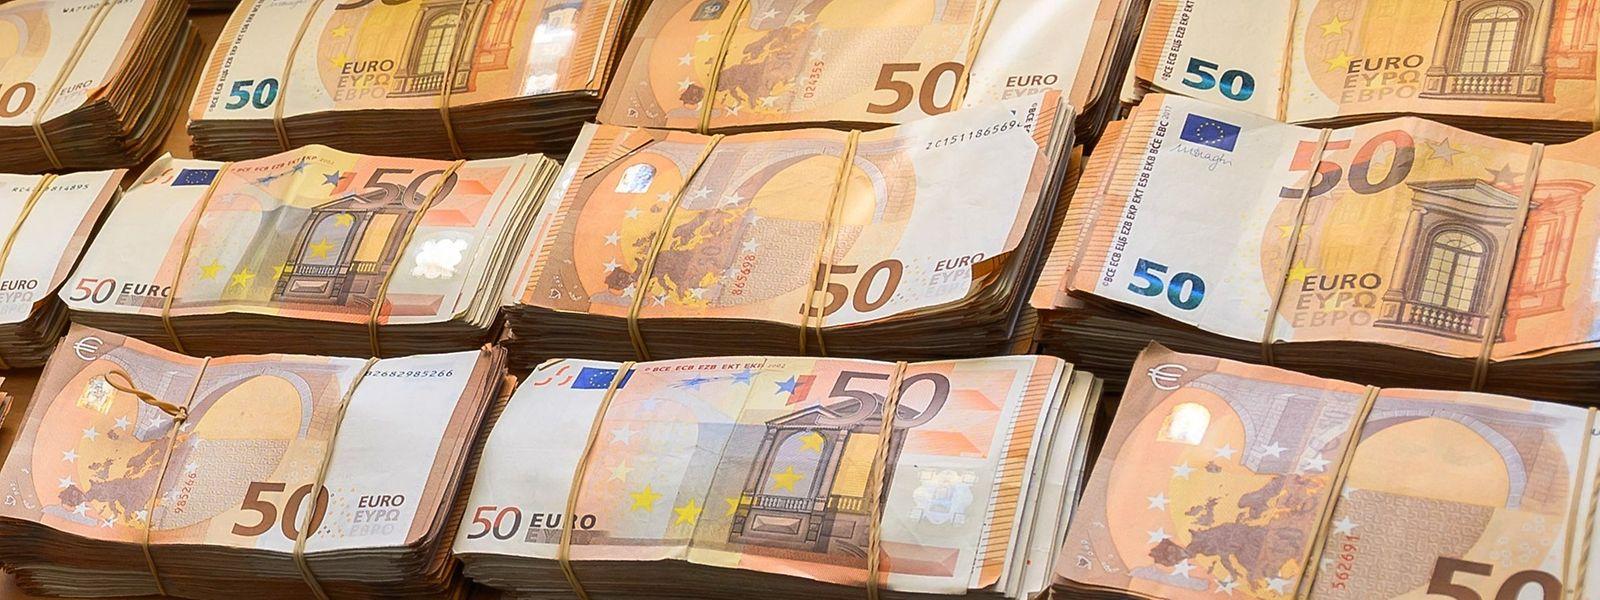 Mittlerweile belastet die EZB die Eurobanken im Jahr mit 17 Milliarden Euro an Strafzinsen.